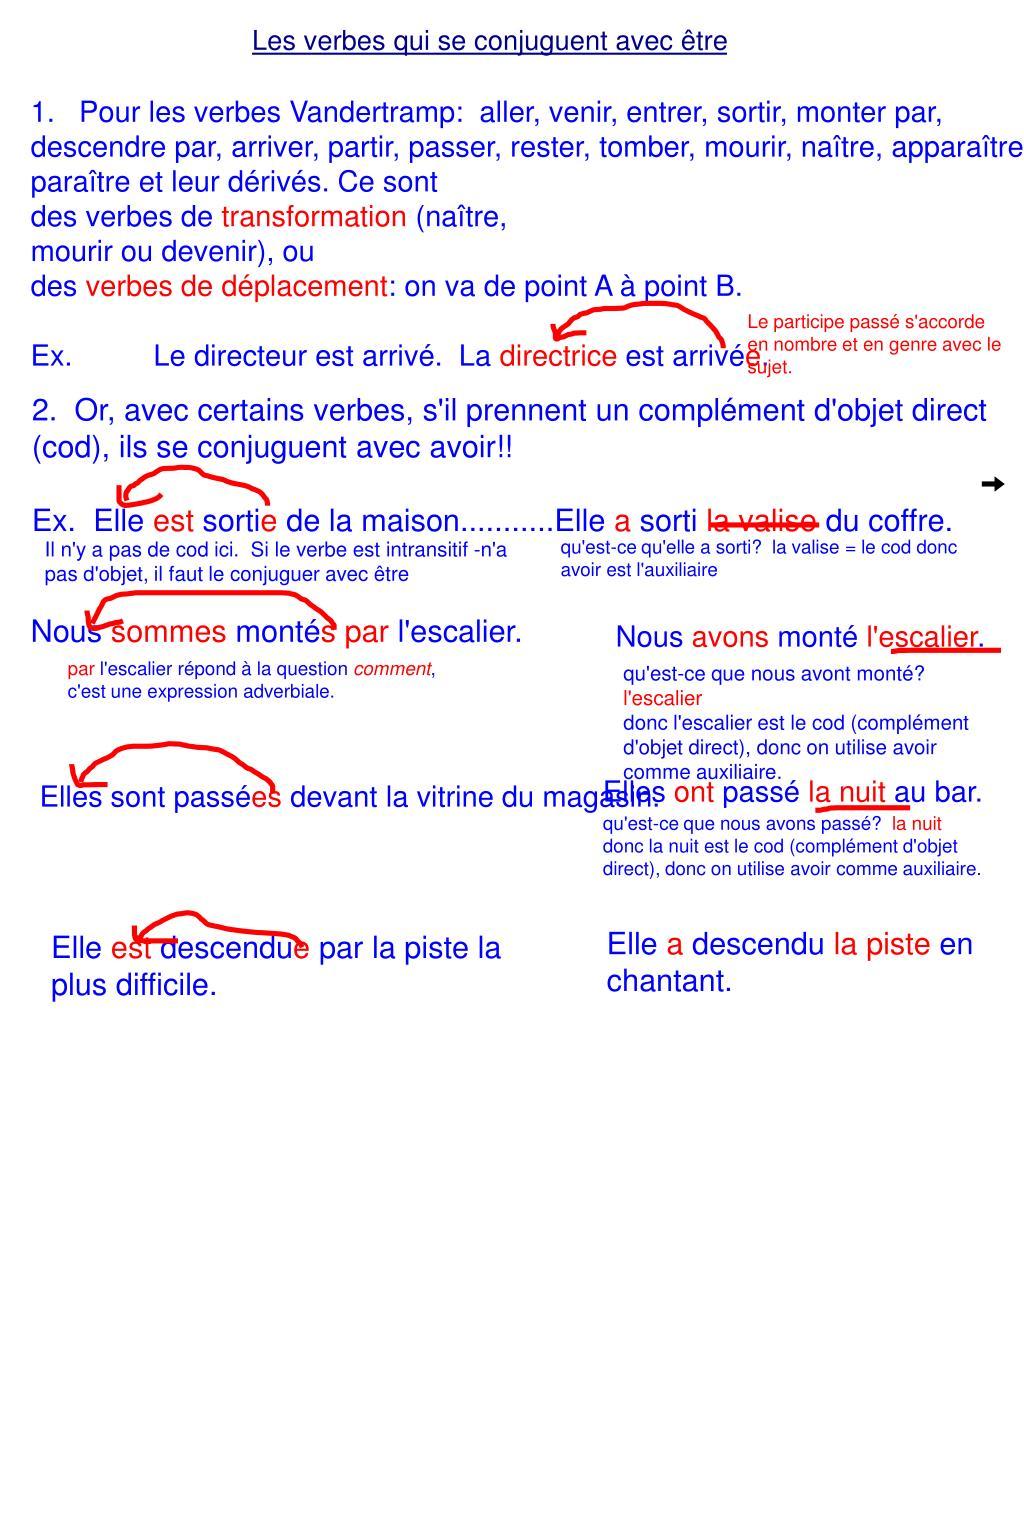 Ppt L Accord Du Participe Passe Pour Les Verbes Avec Avoir Powerpoint Presentation Id 1789559